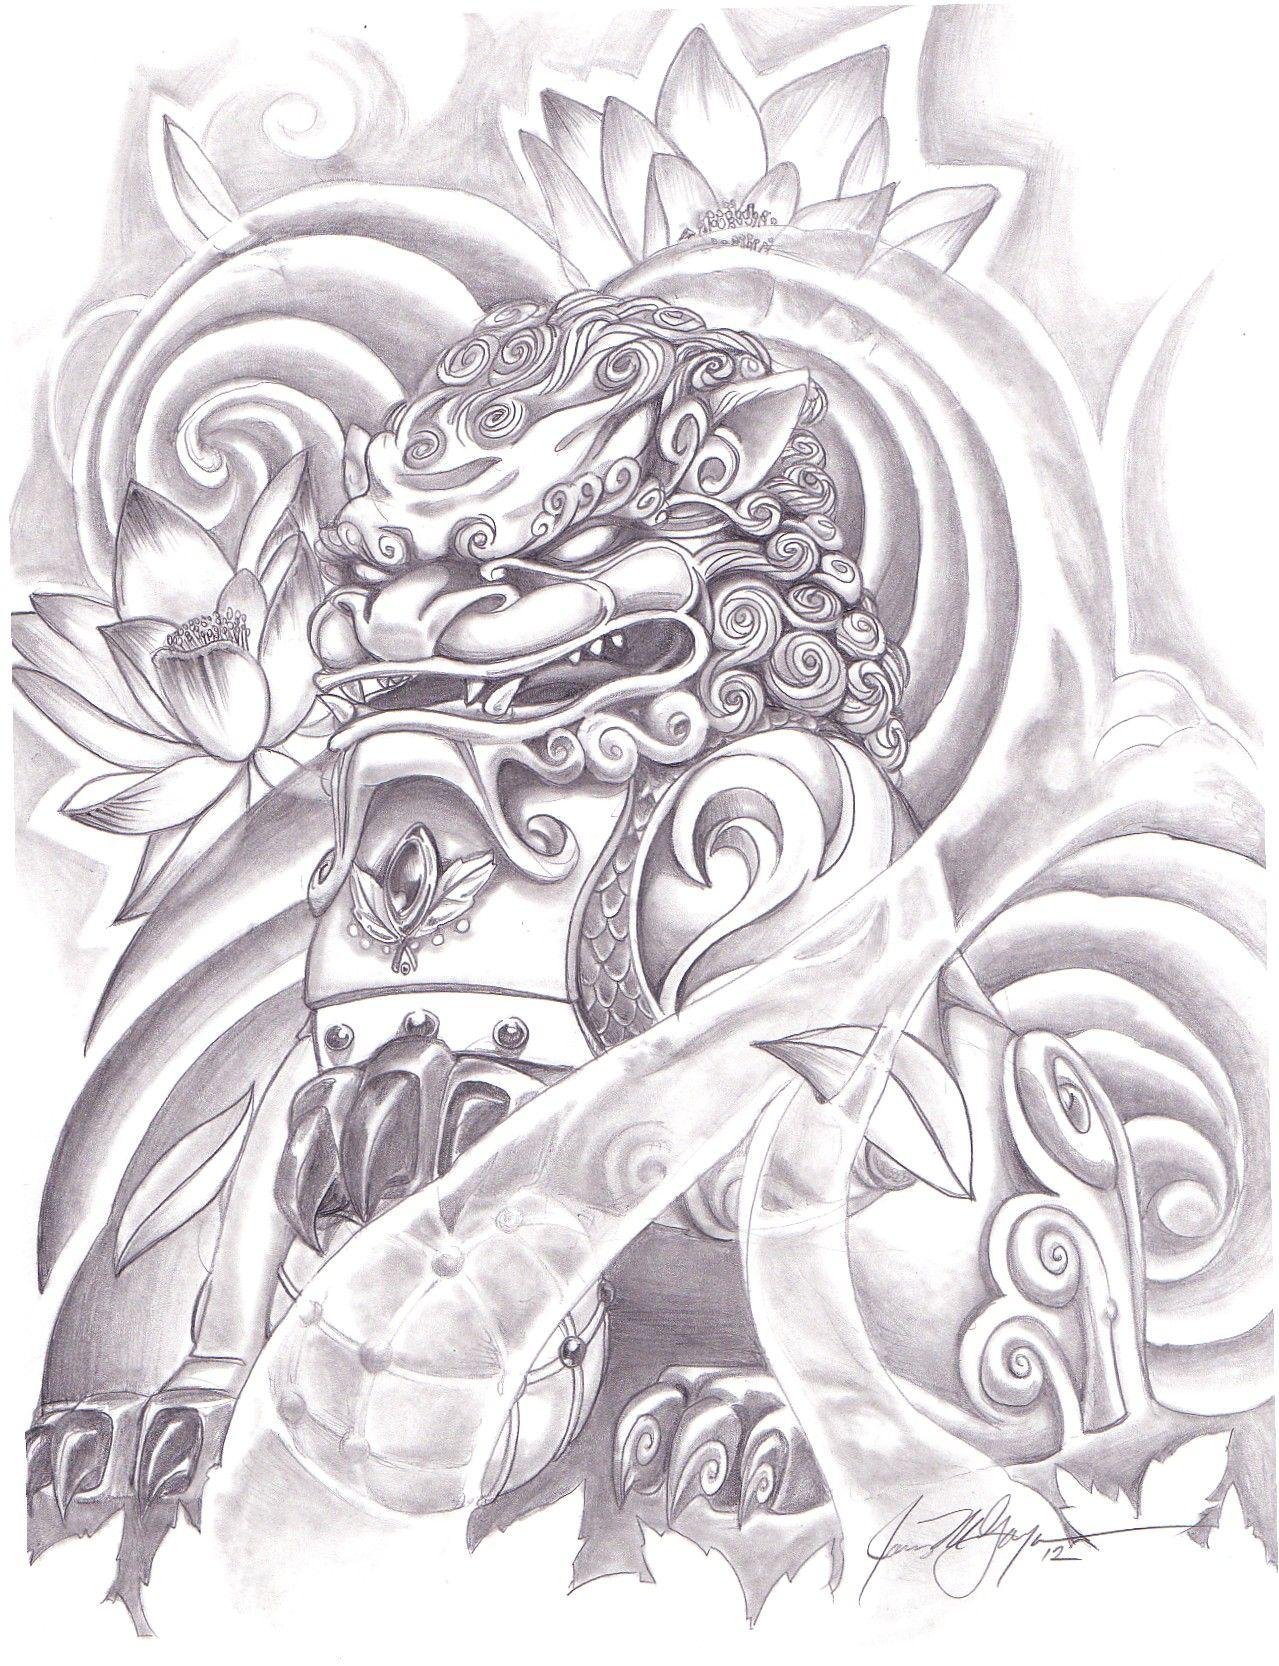 Foo Dog Drawing Jmg Creations Foo Dog Tattoo Foo Dog Tattoo Design Dog Tattoos